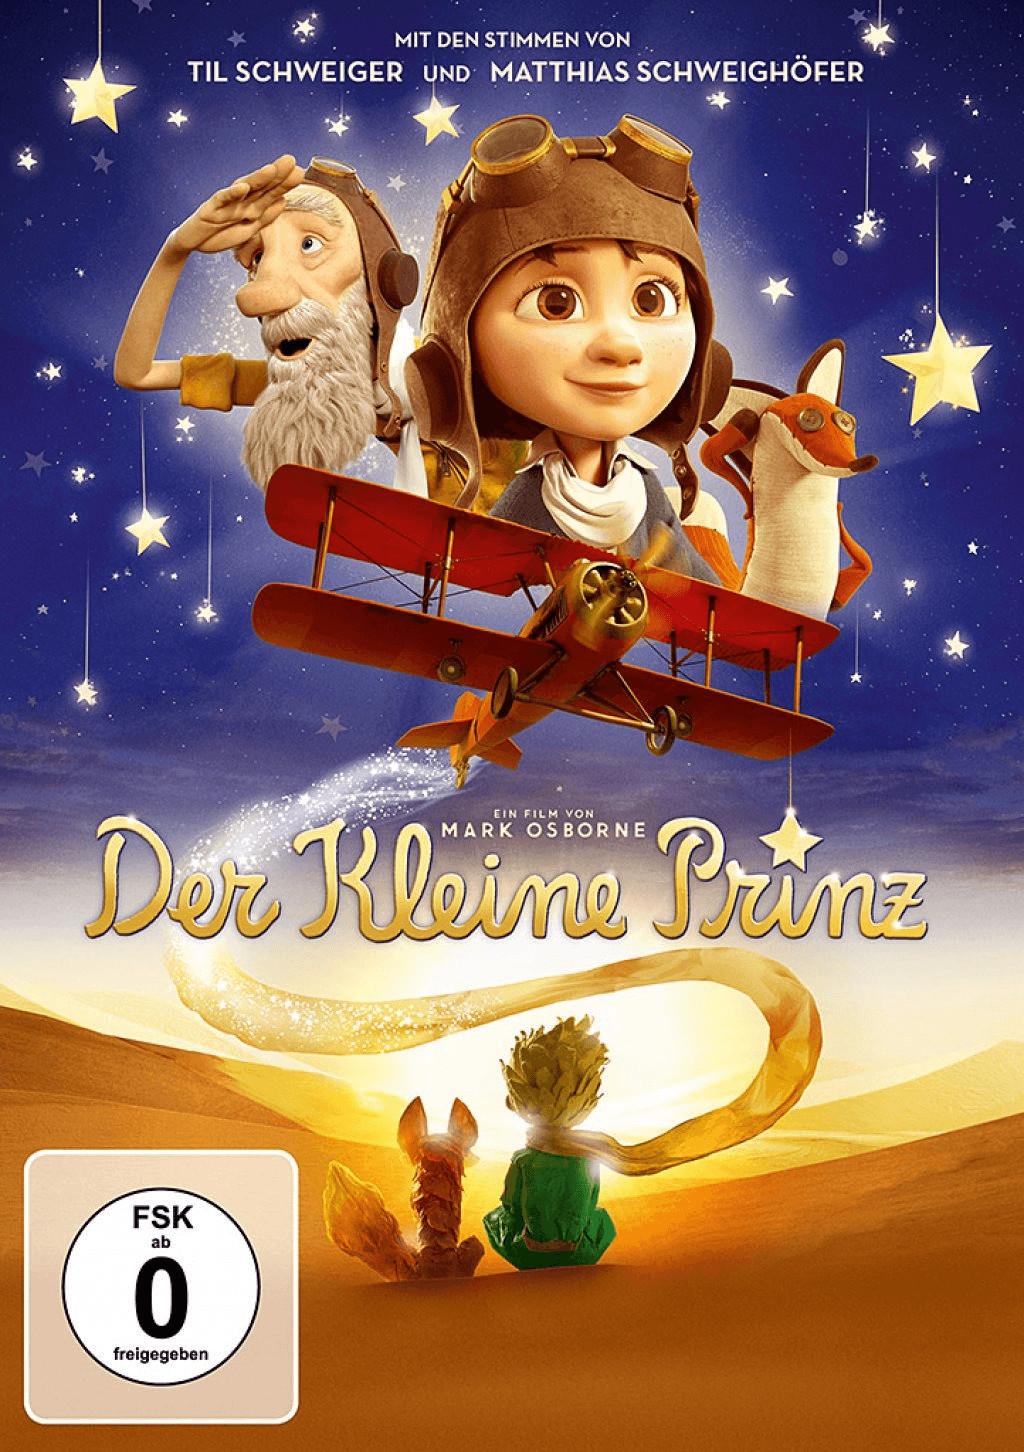 Der kleine Prinz [DVD]